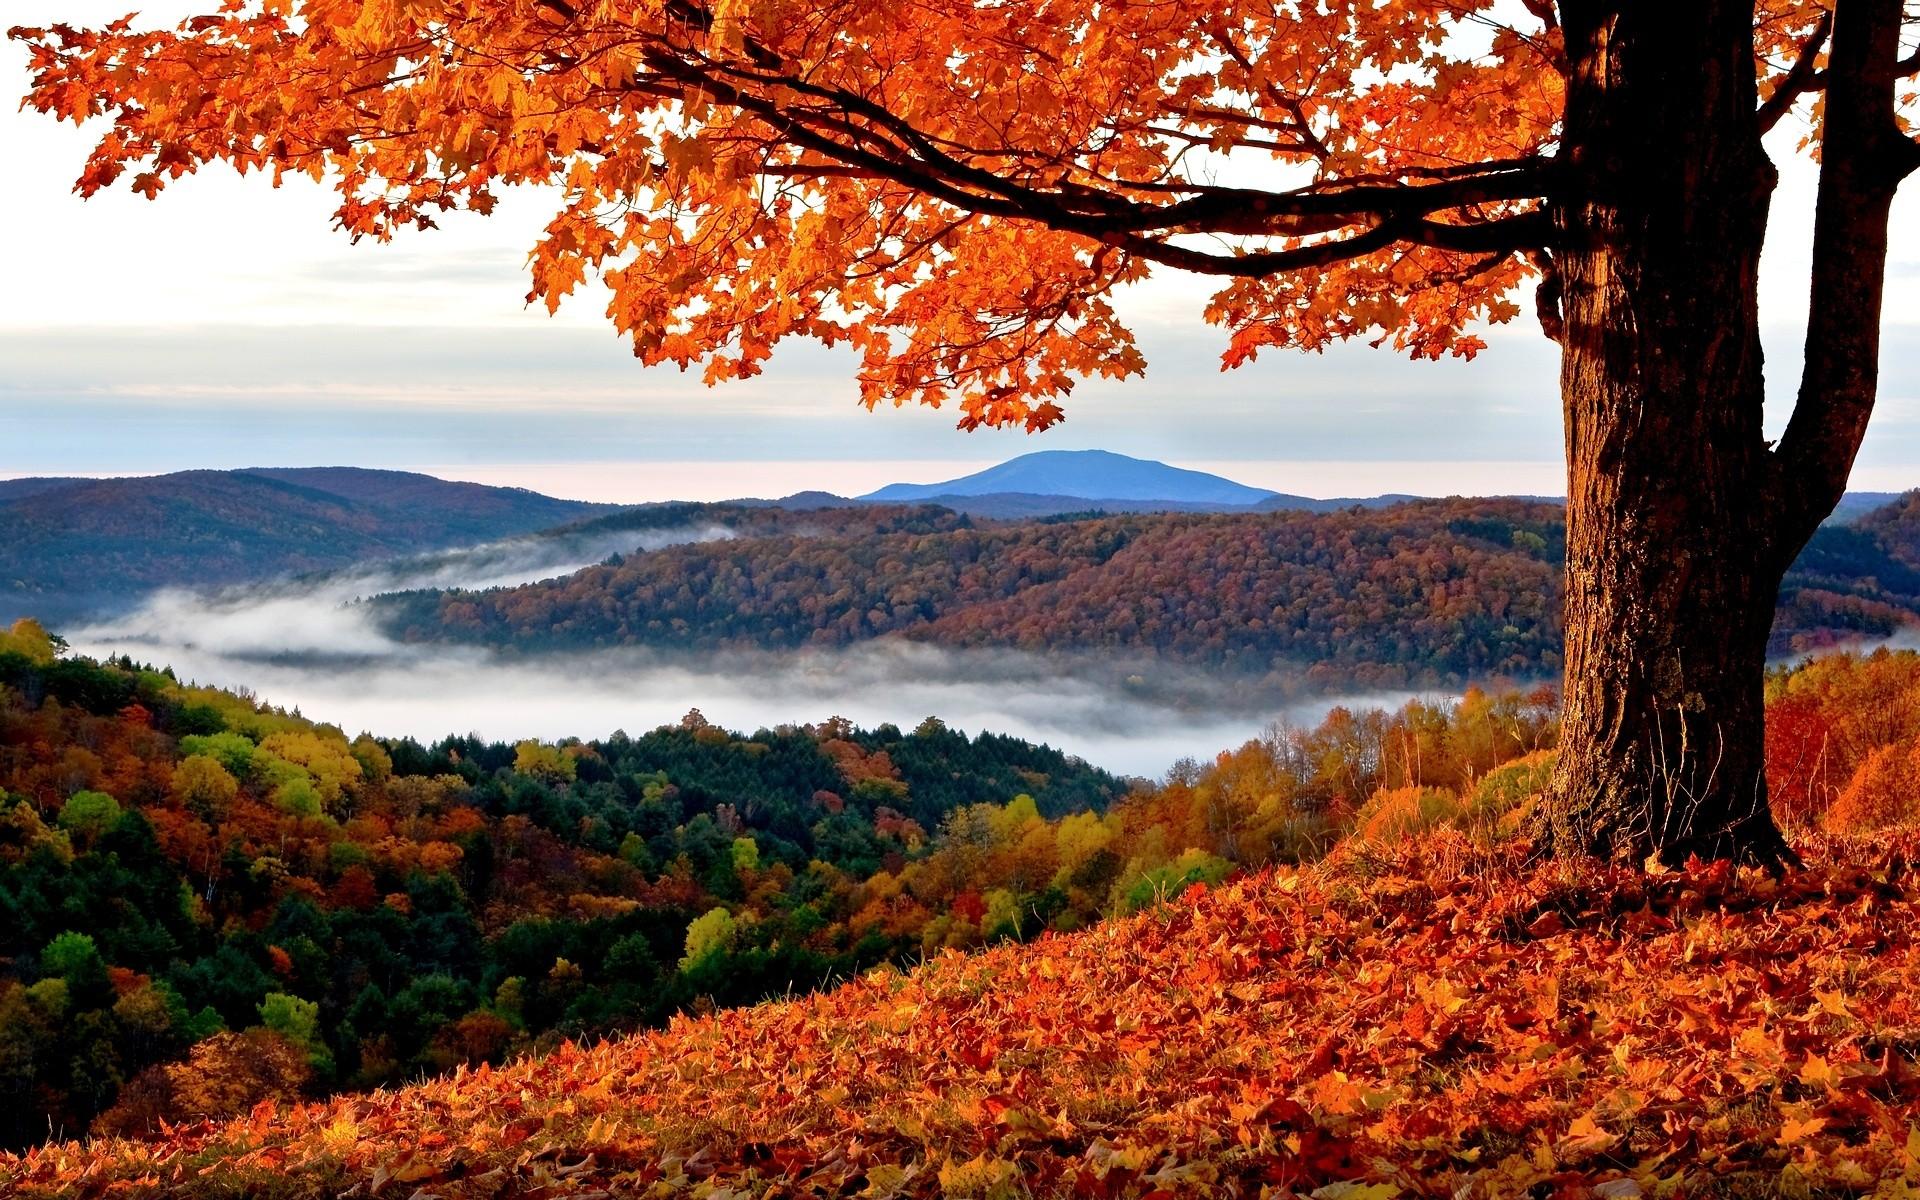 Autumn - landscape